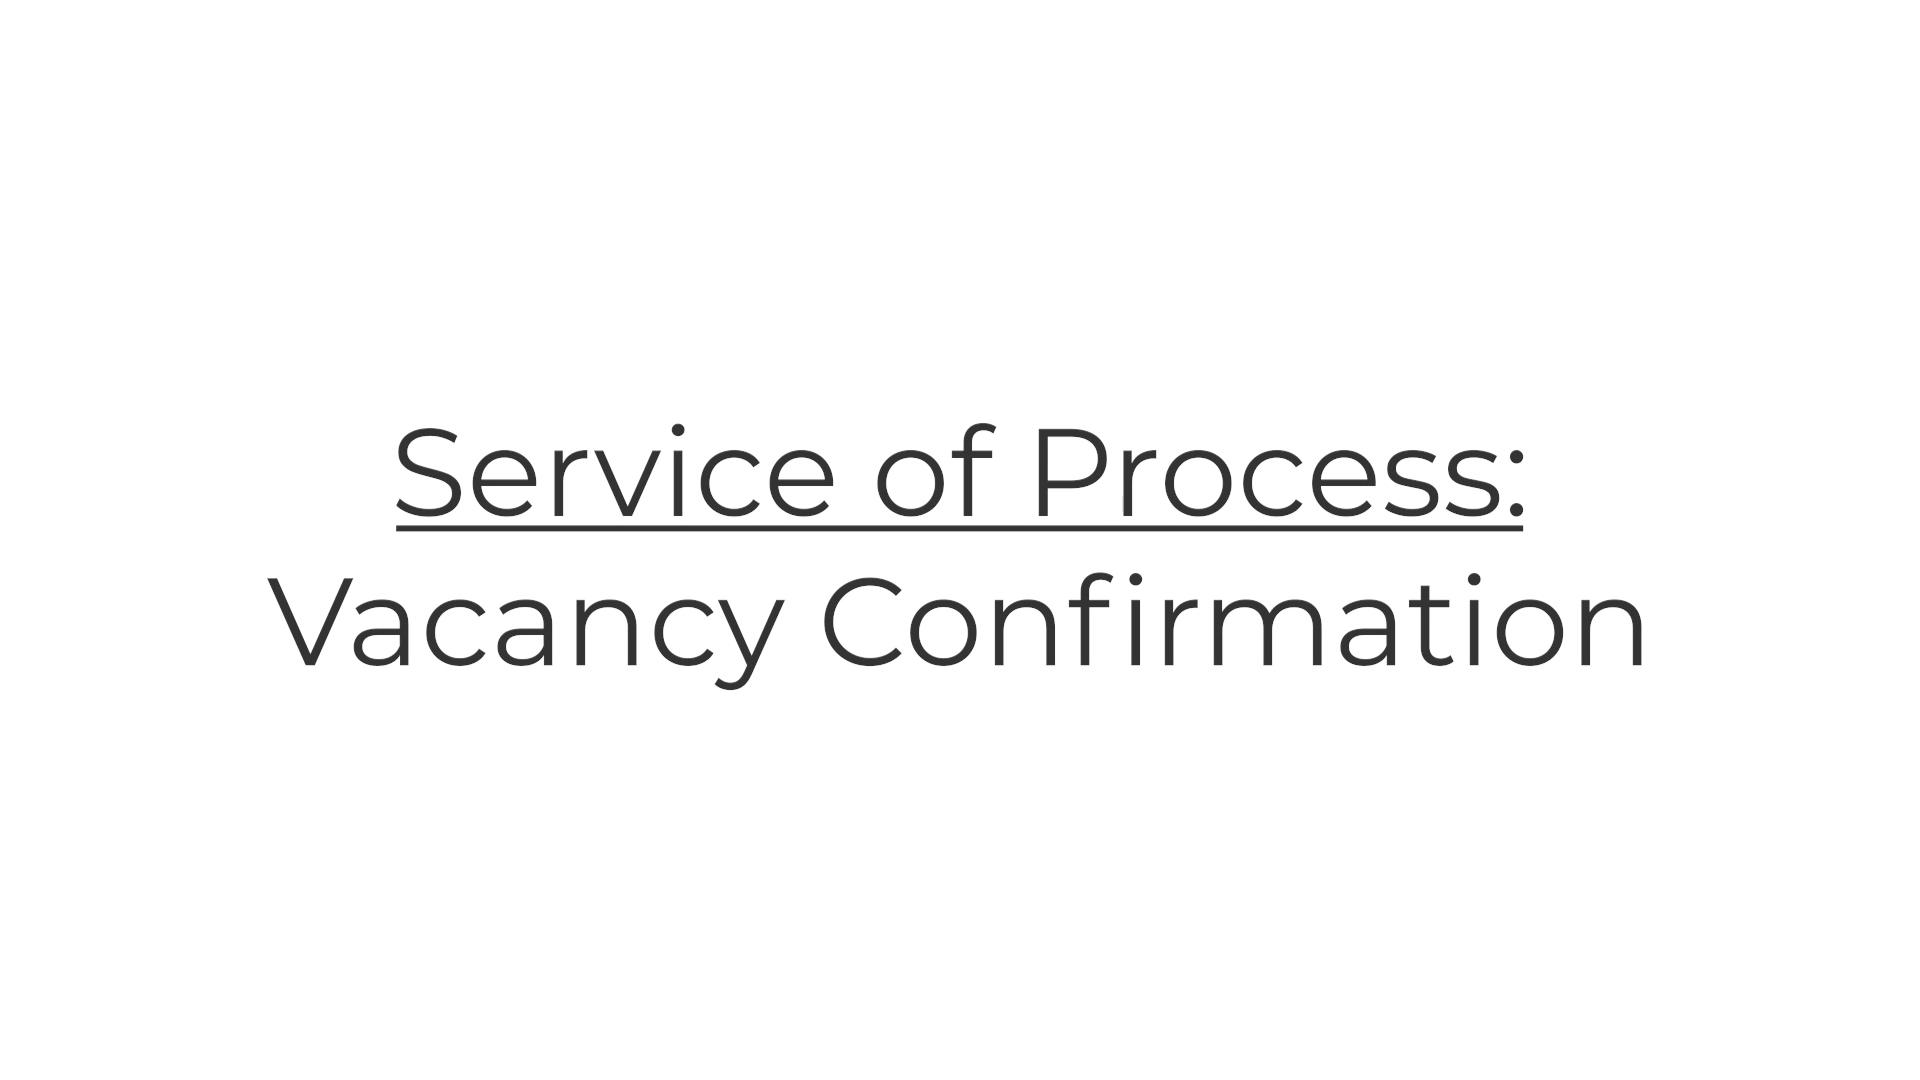 Vacancy Confirmation Rework 1.29.2021